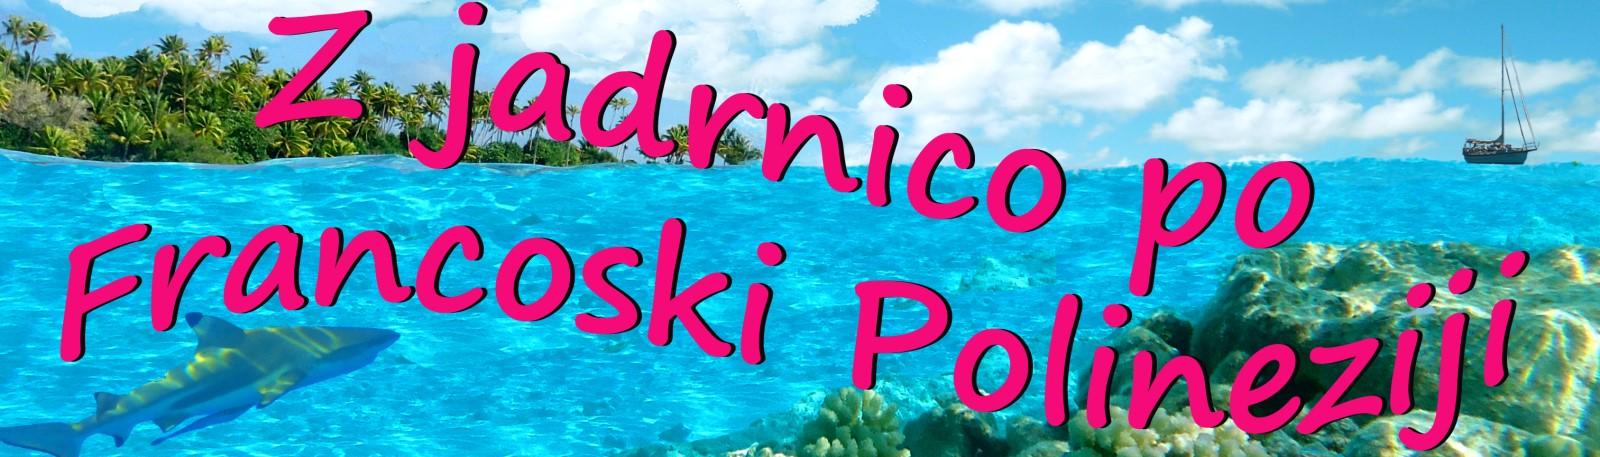 Pridi v Francosko Polinezijo!